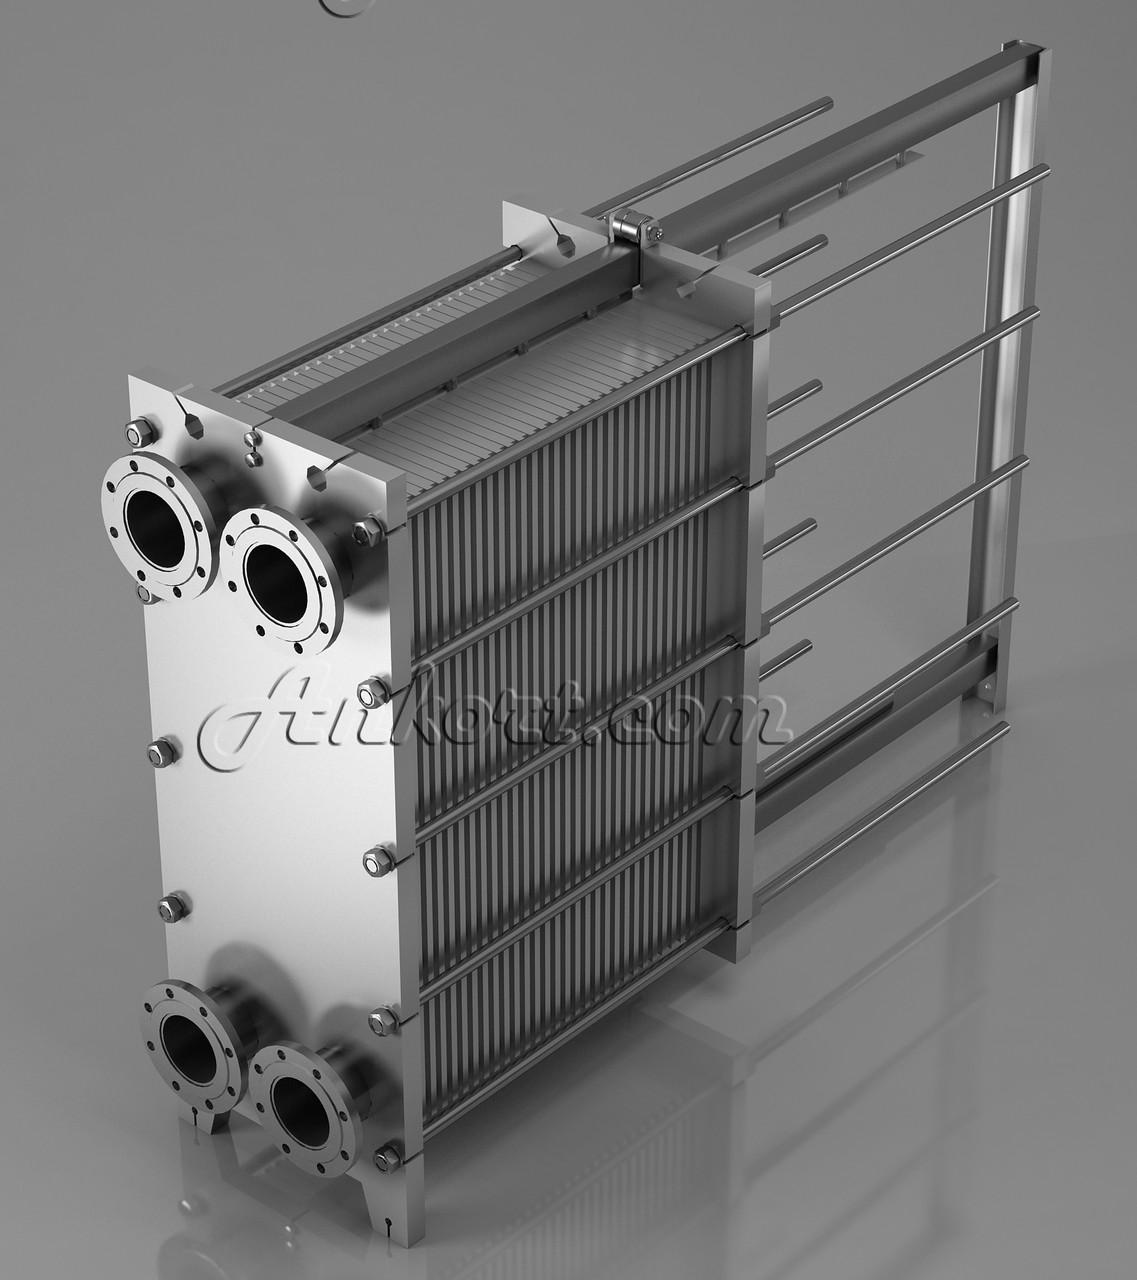 Теплообменники анкор отзывы Уплотнения теплообменника Машимпэкс (GEA) NT 500M Сургут